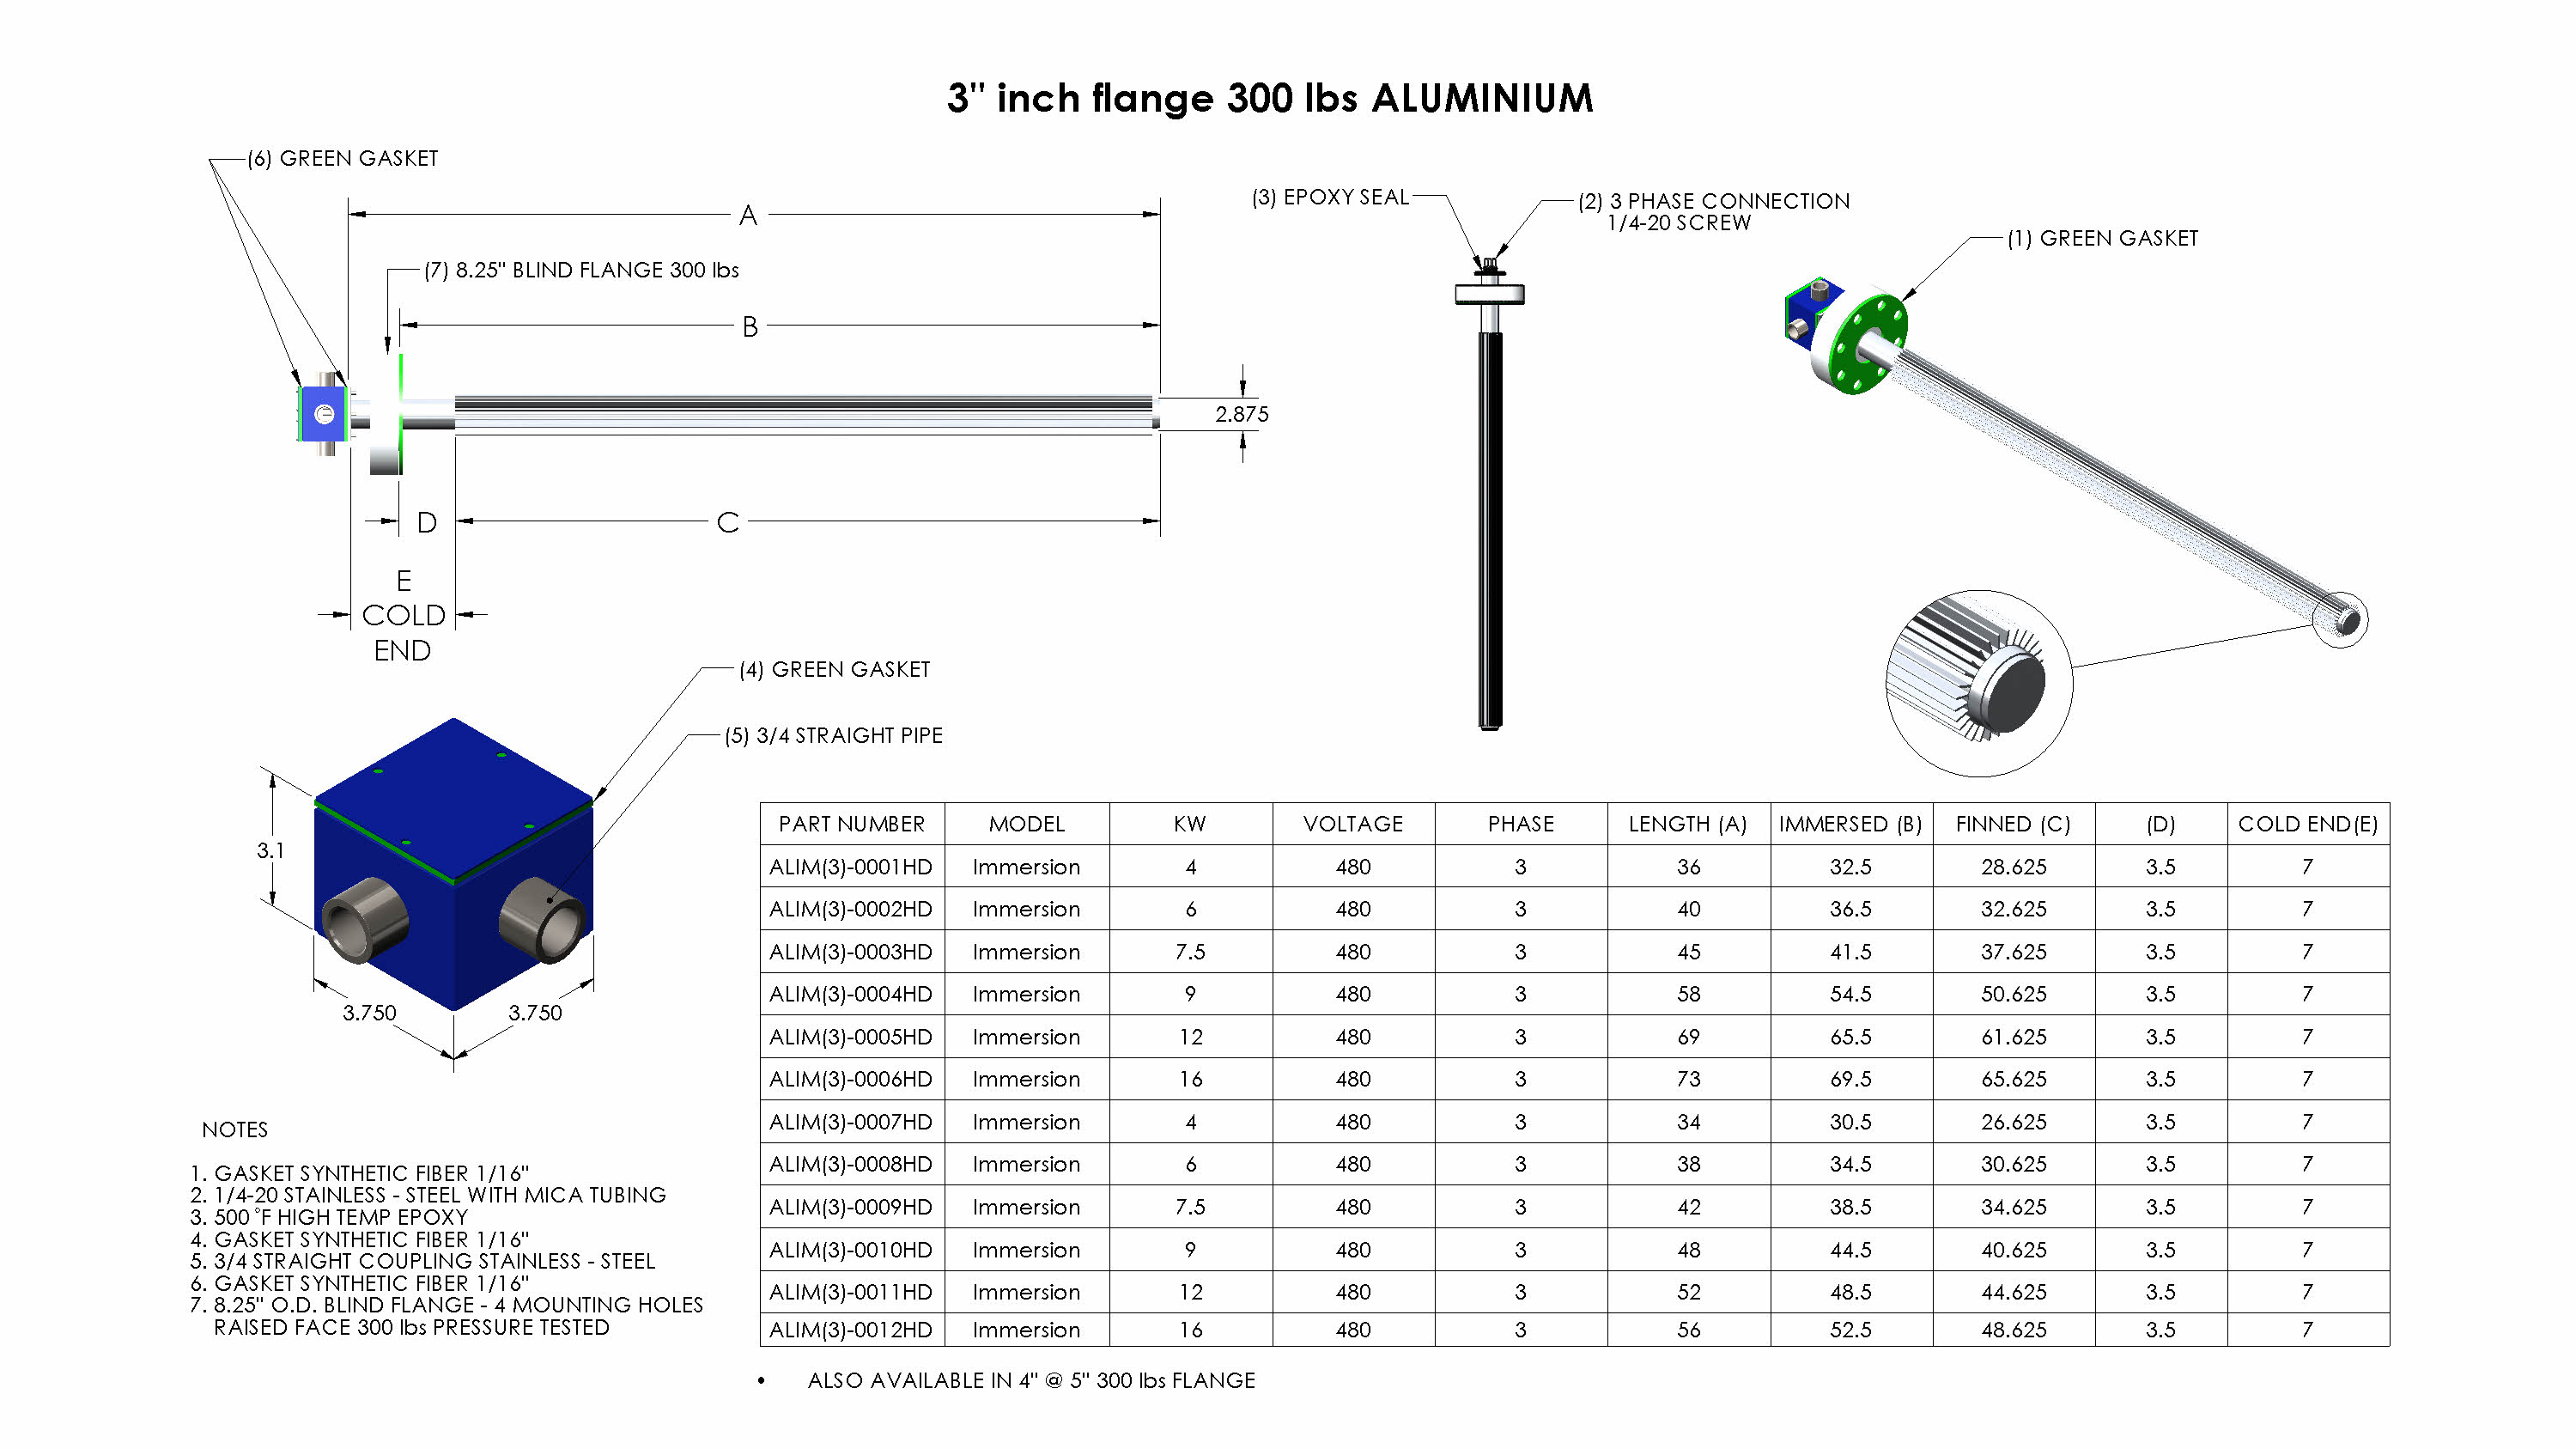 TRIVOLT_3po FLANGE 300_CHART